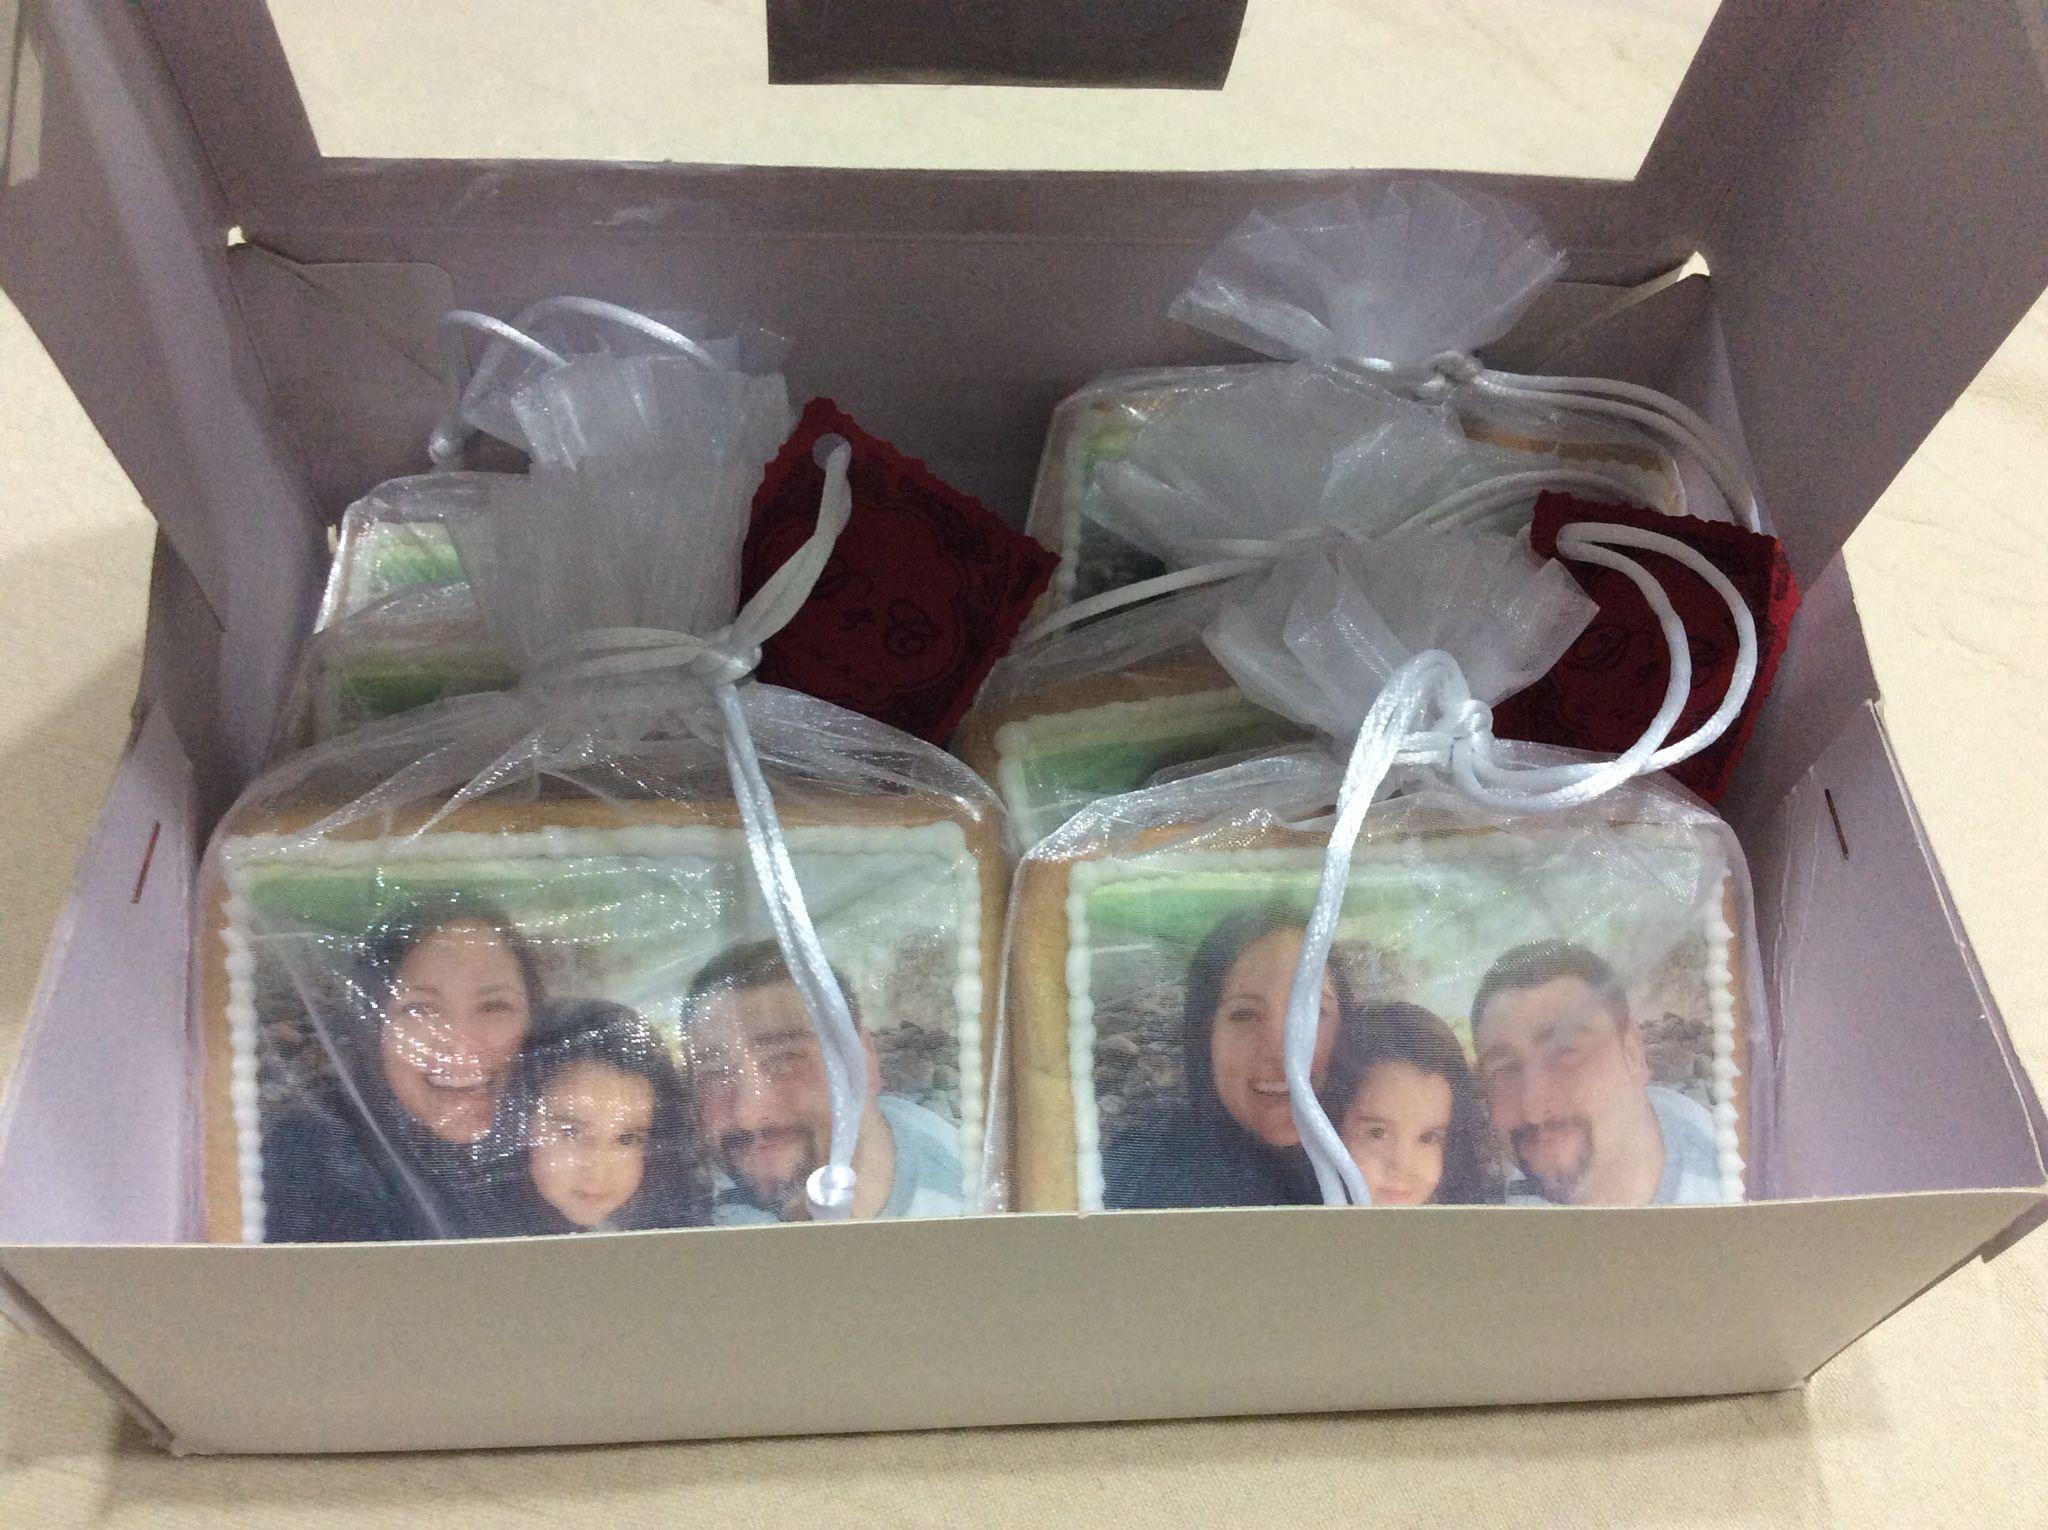 Galletas personalizadas de regalo.